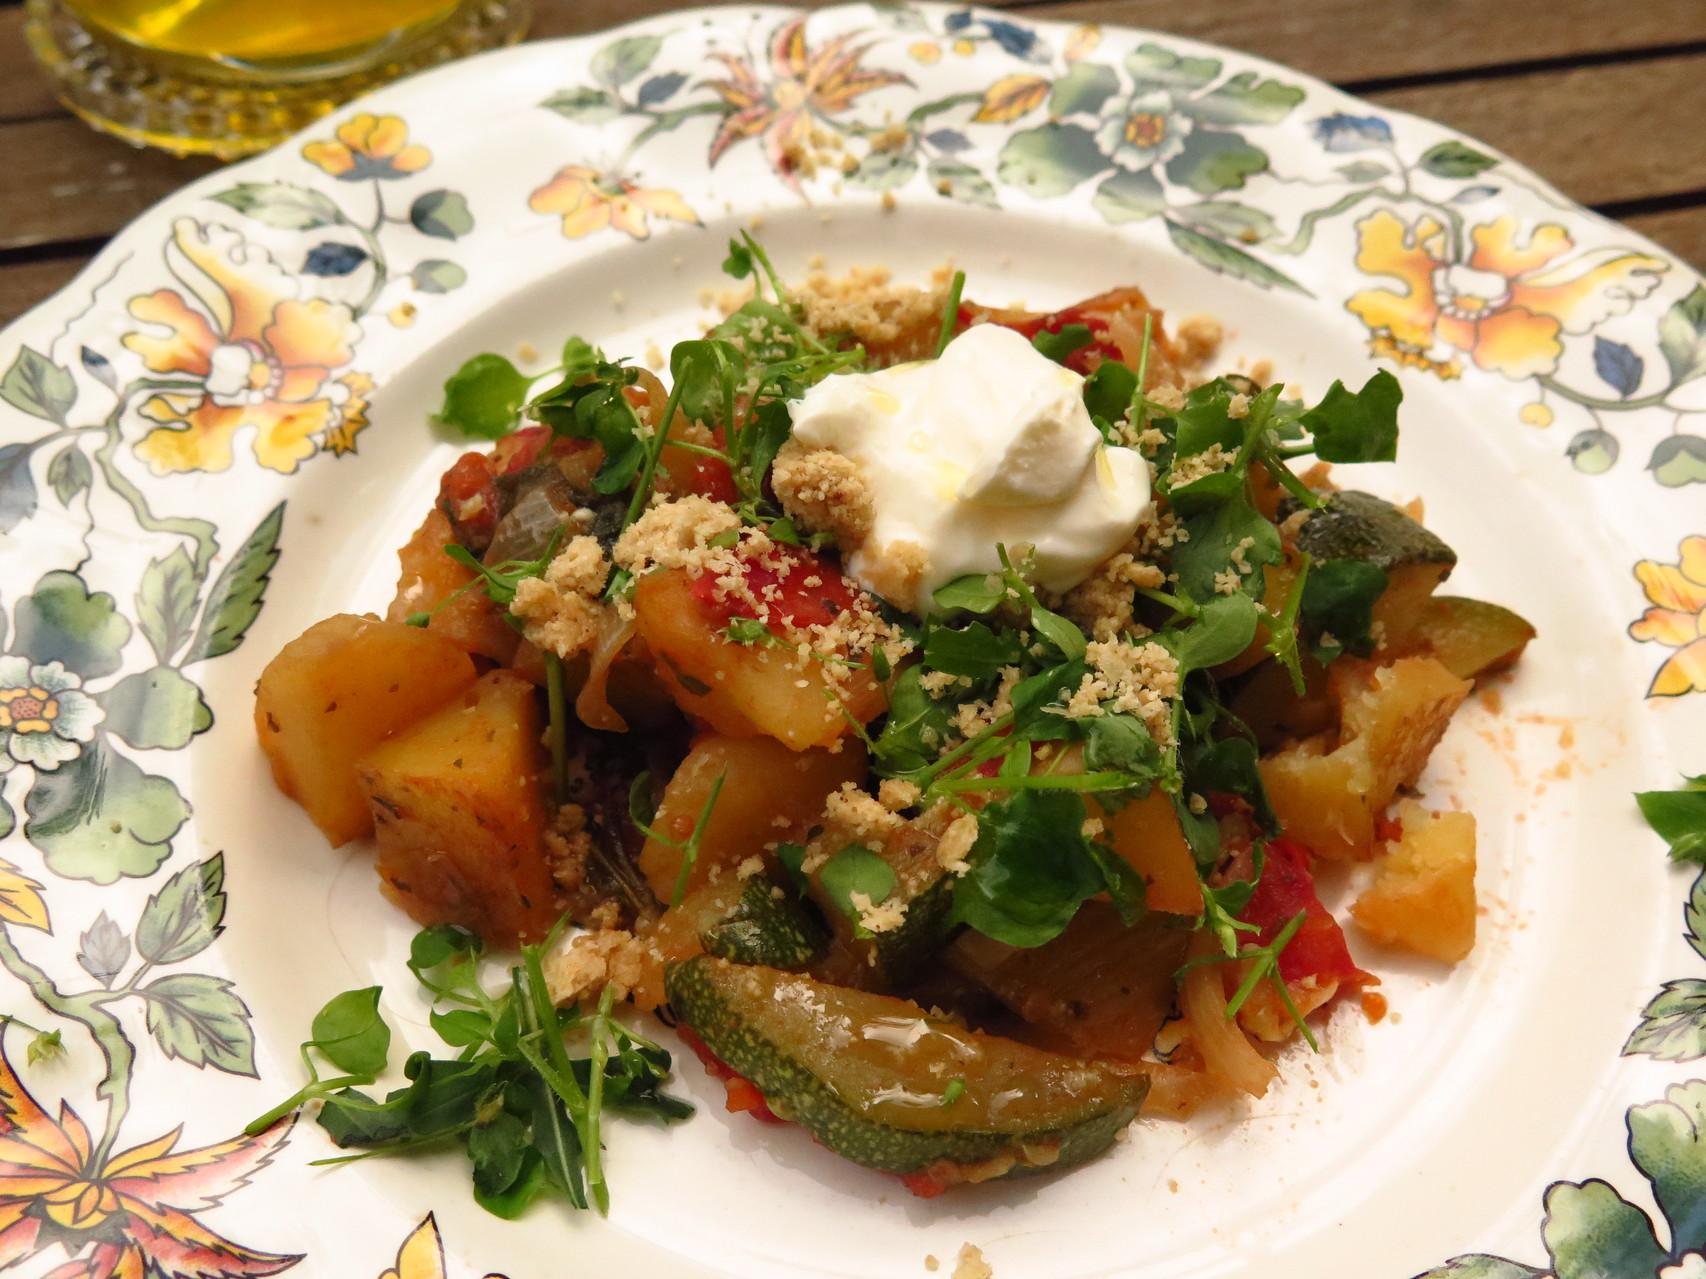 Gemüse-Kartoffel-Eintopf mit Wildkräutern, Crème Fraîche und Gomasio